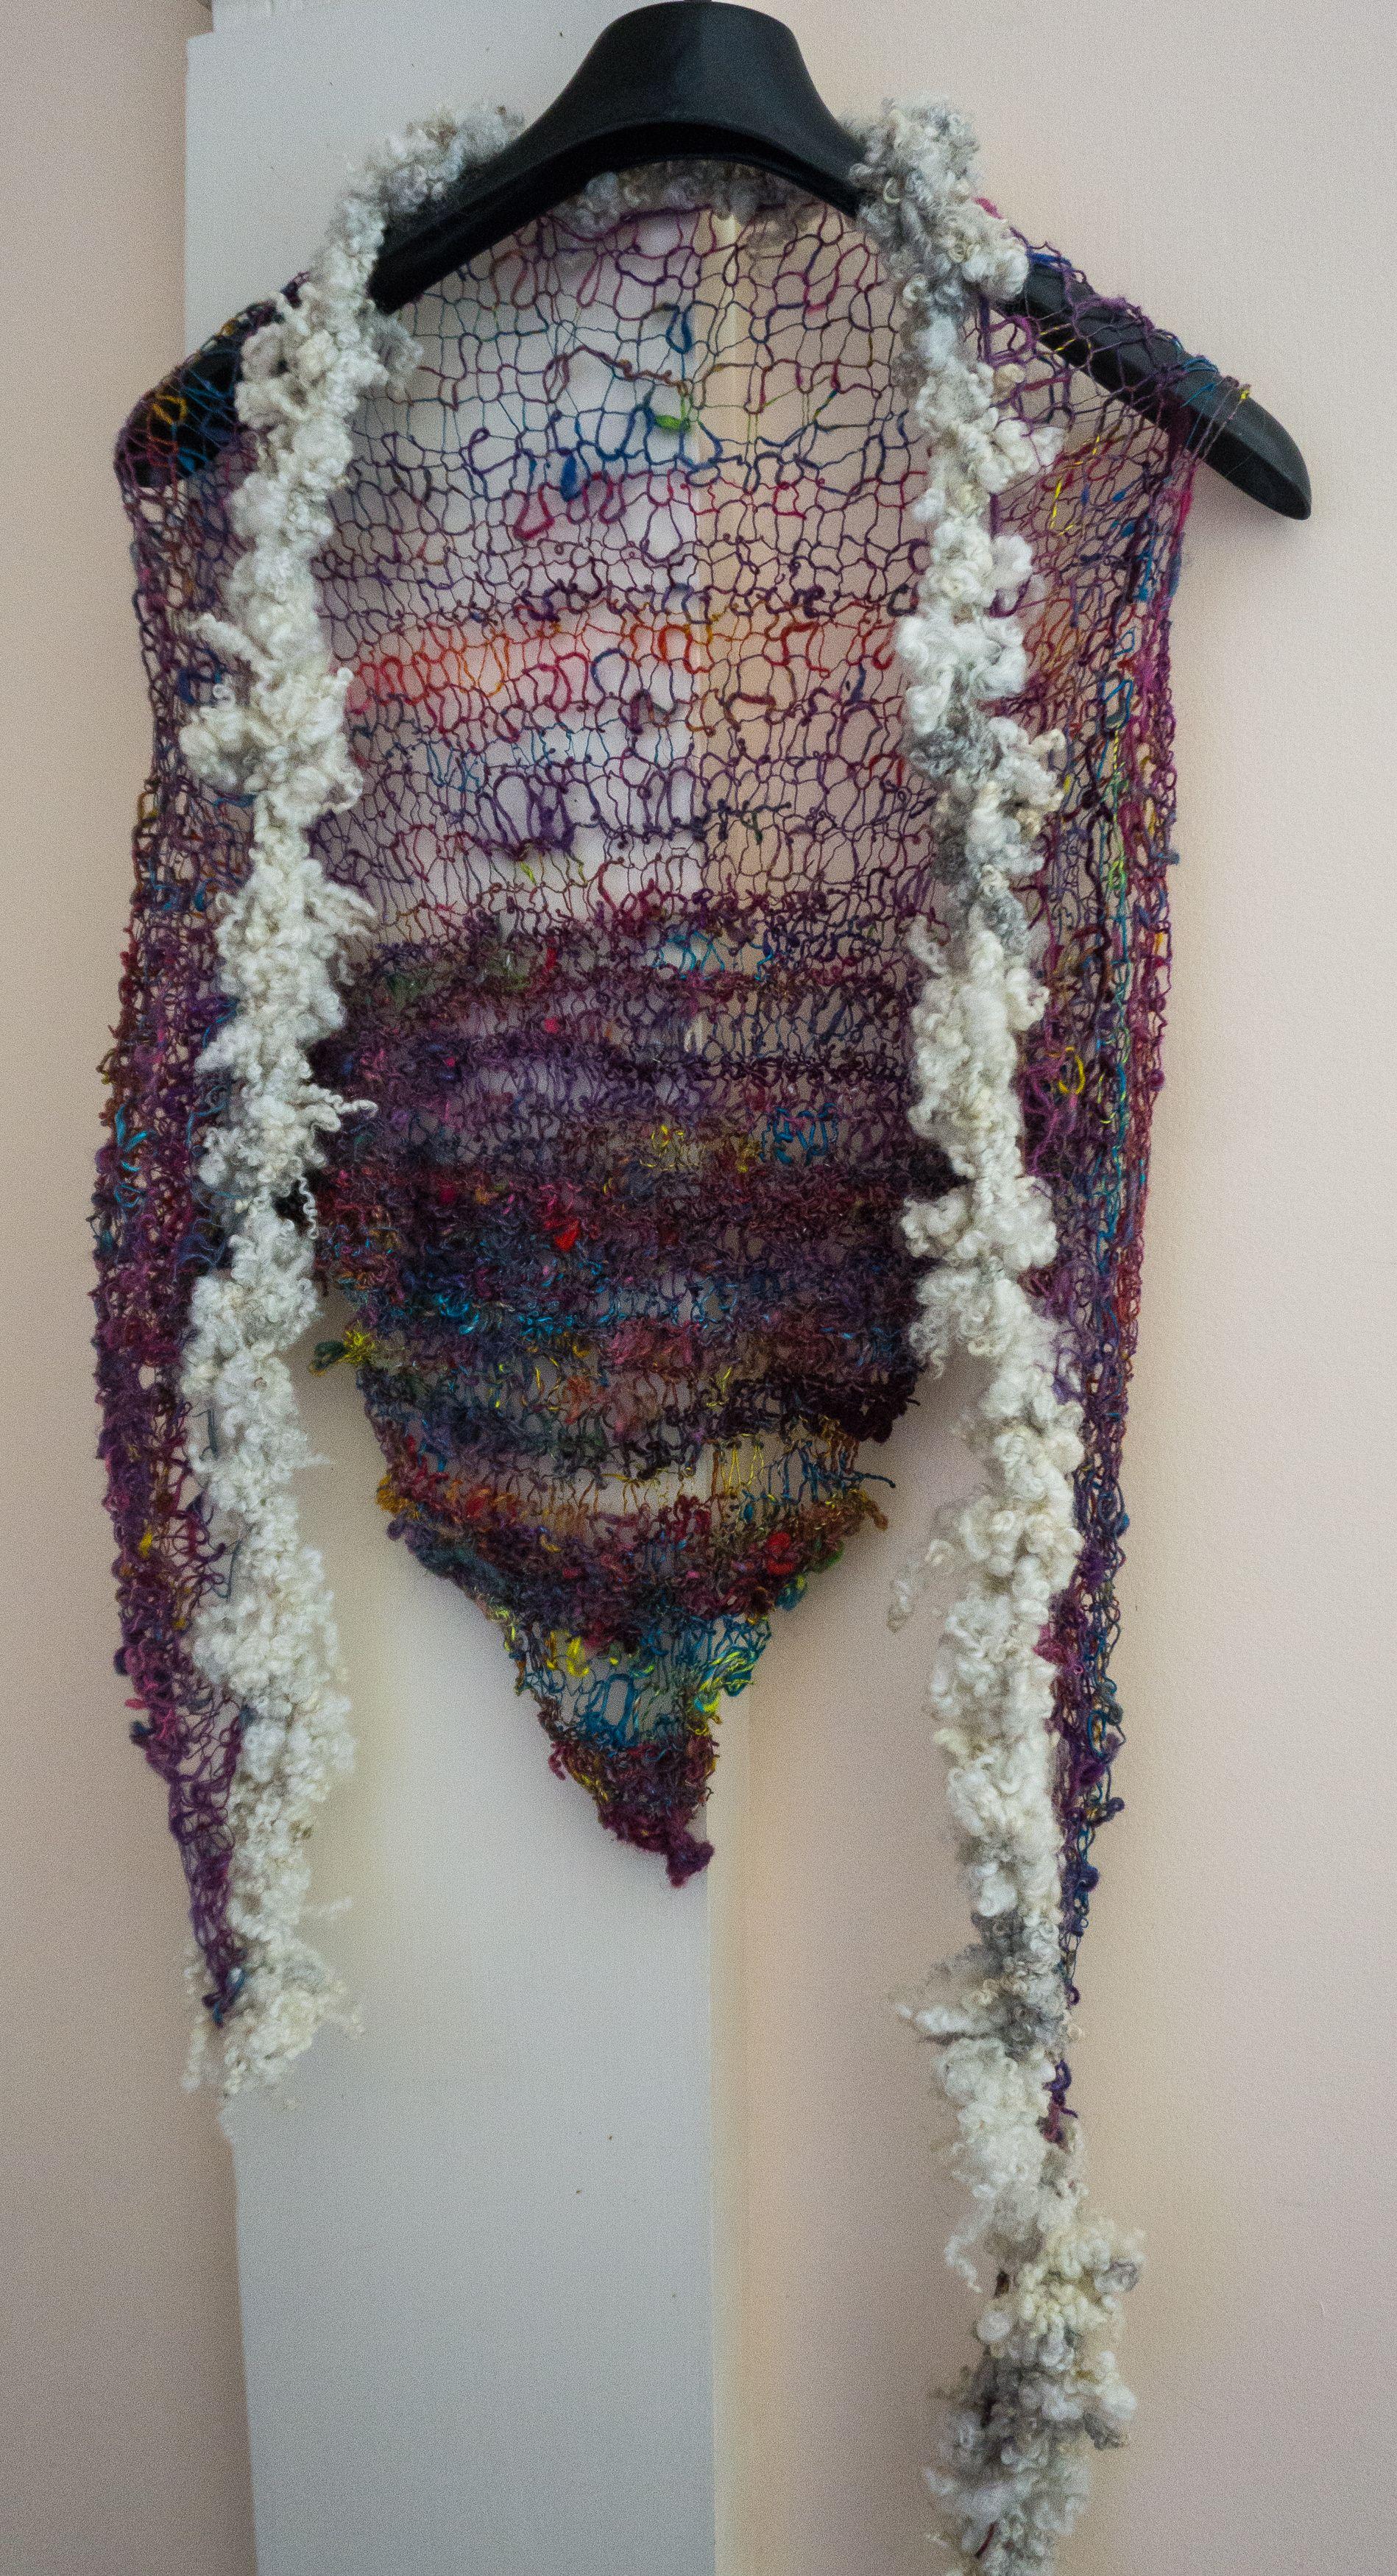 shawlette-6 by Wool Wench | Mori Boy | Pinterest | Yarns, Art yarn ...